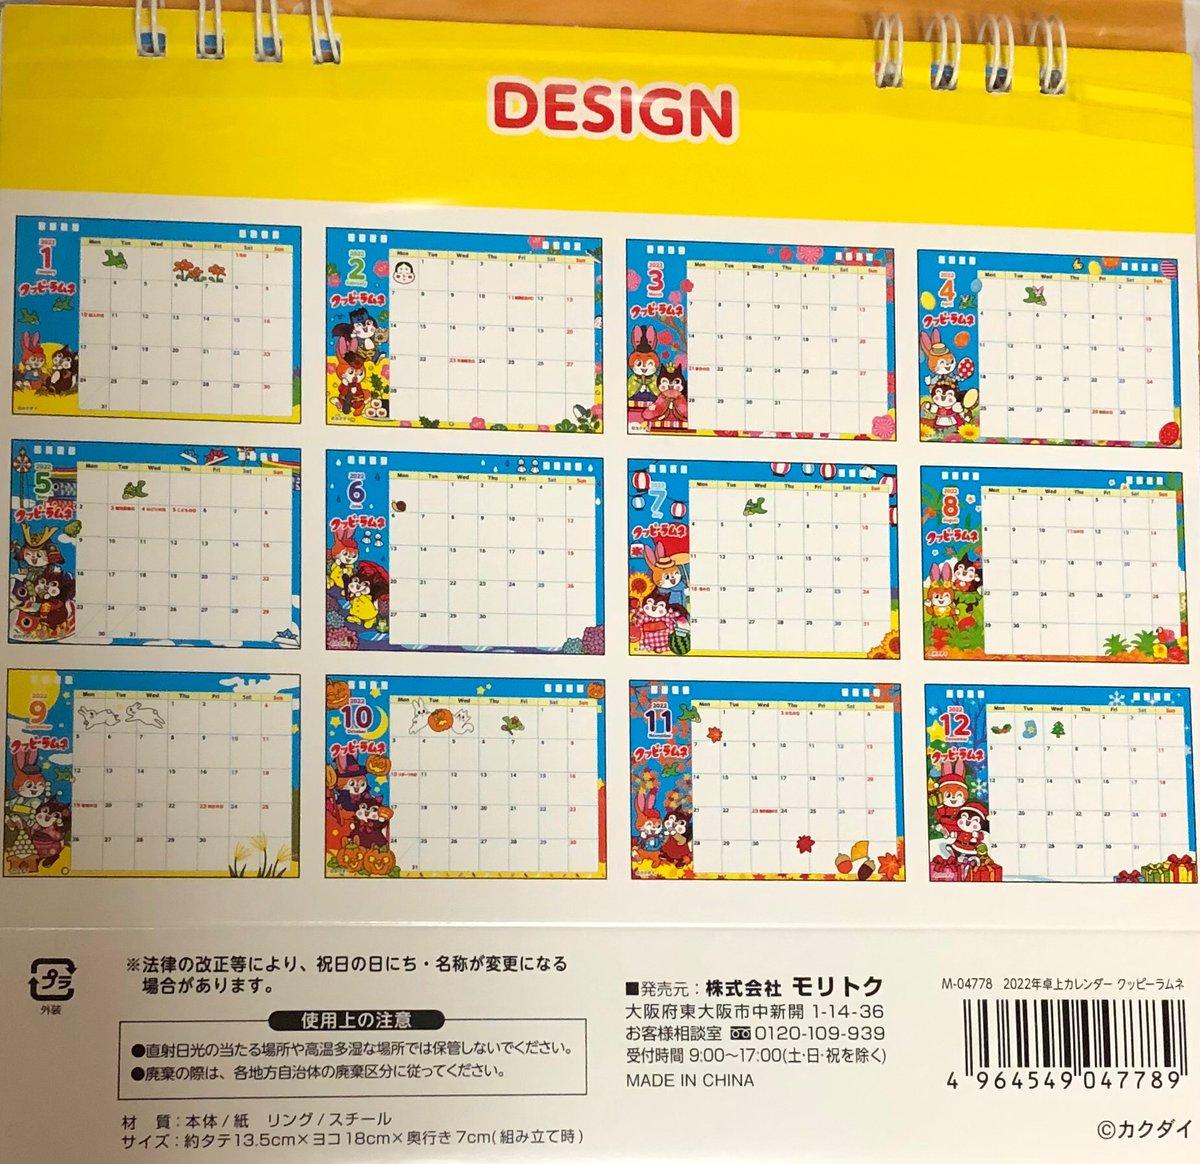 【セリア】2022年のカレンダーが販売されていた!「クッピーラムネ」